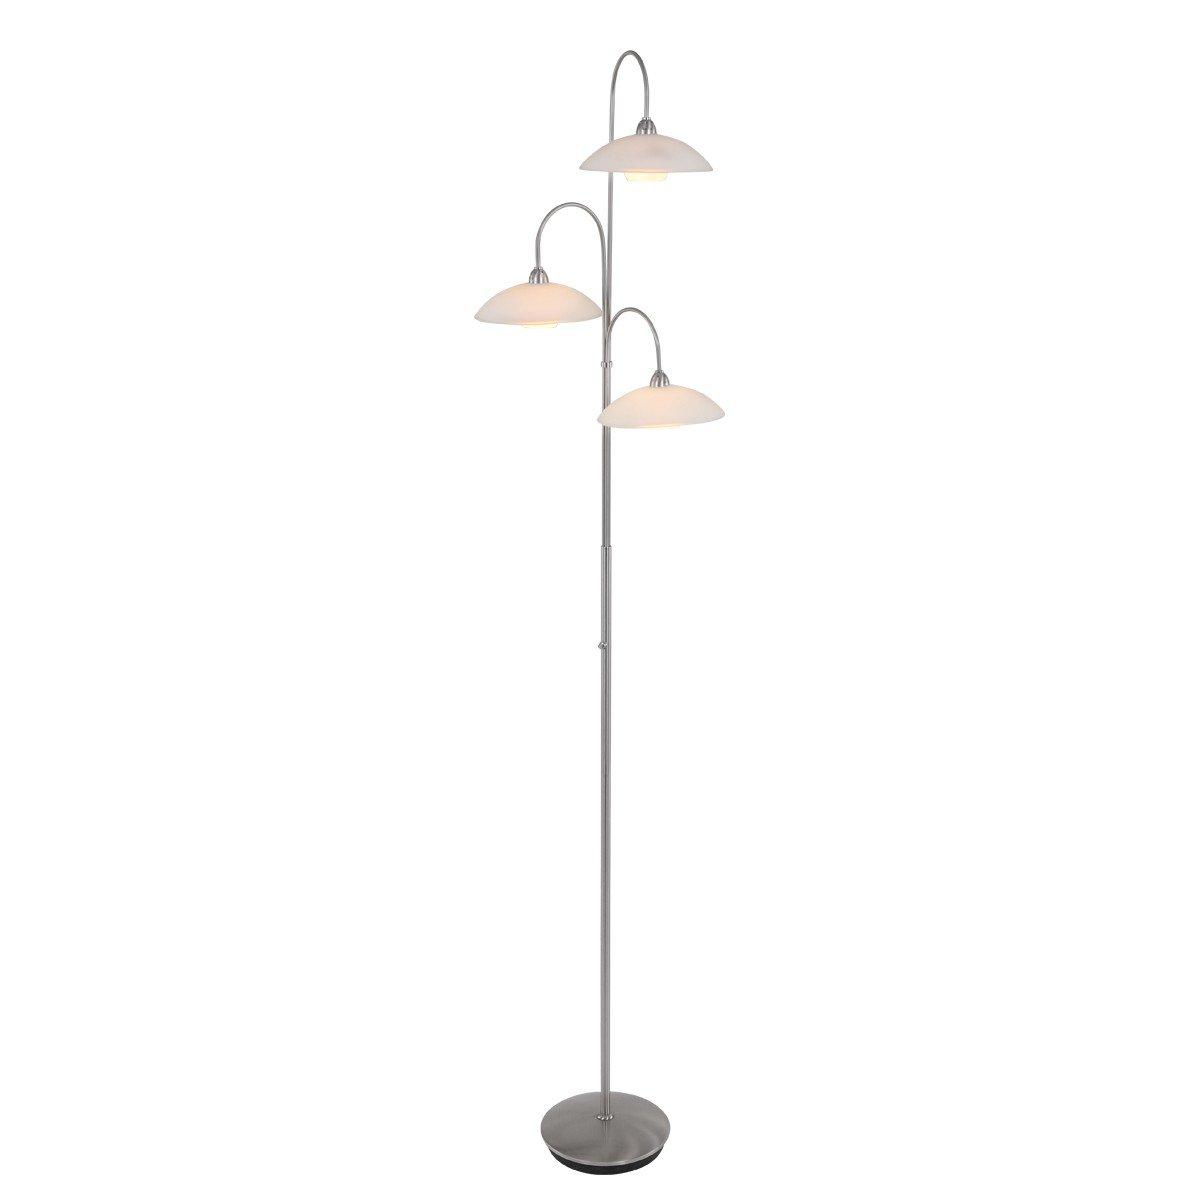 Vloerlamp Steinhauer Monarch 7924ST